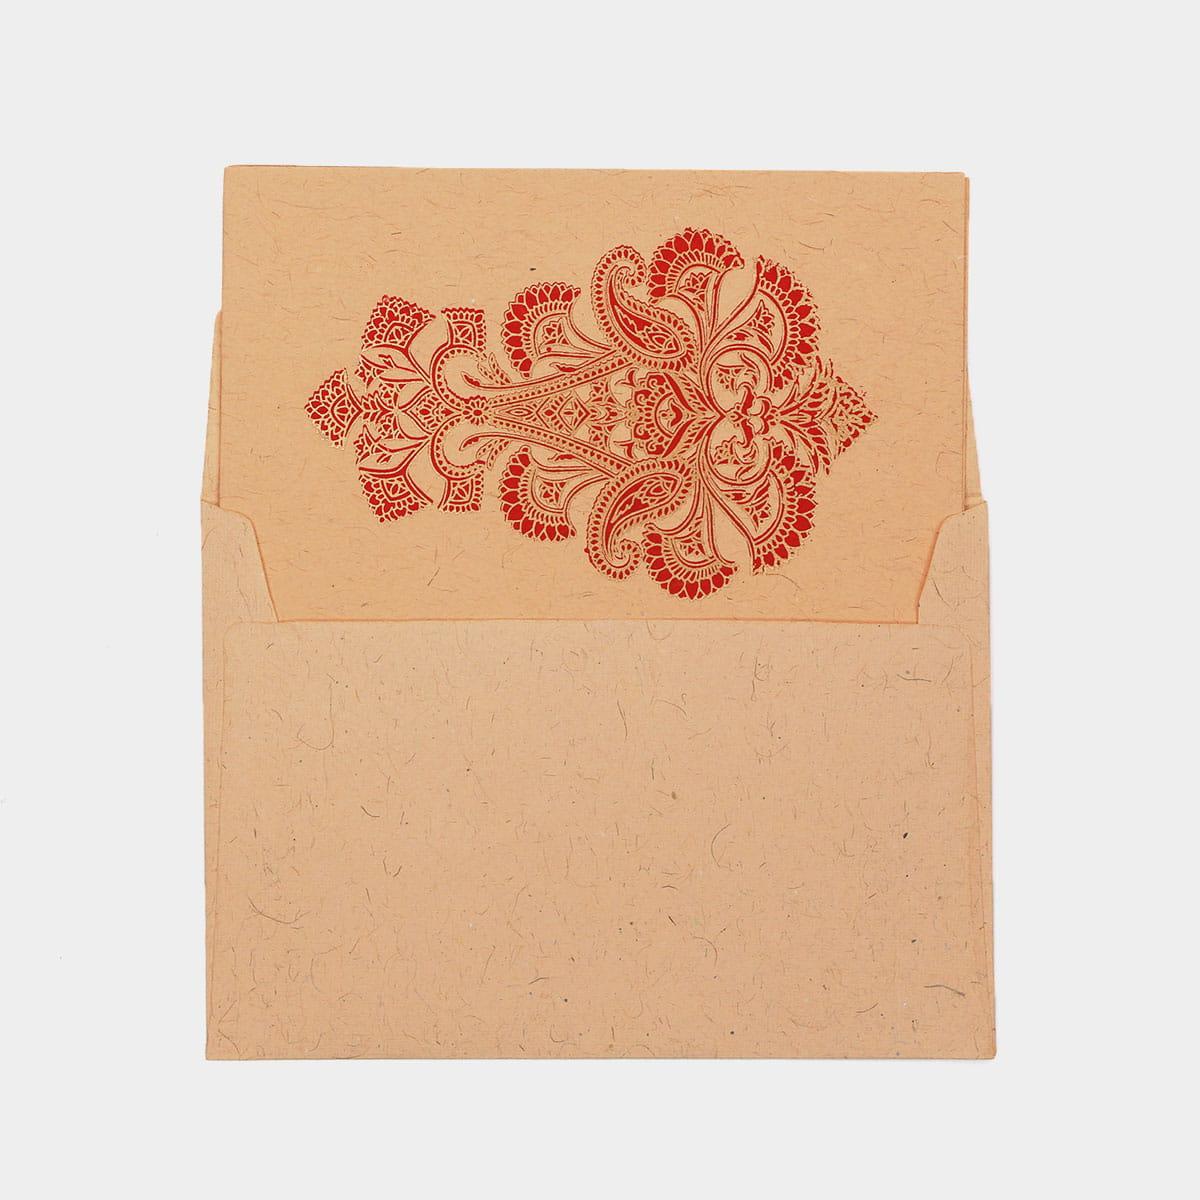 華麗花卉圖騰手工卡片 1